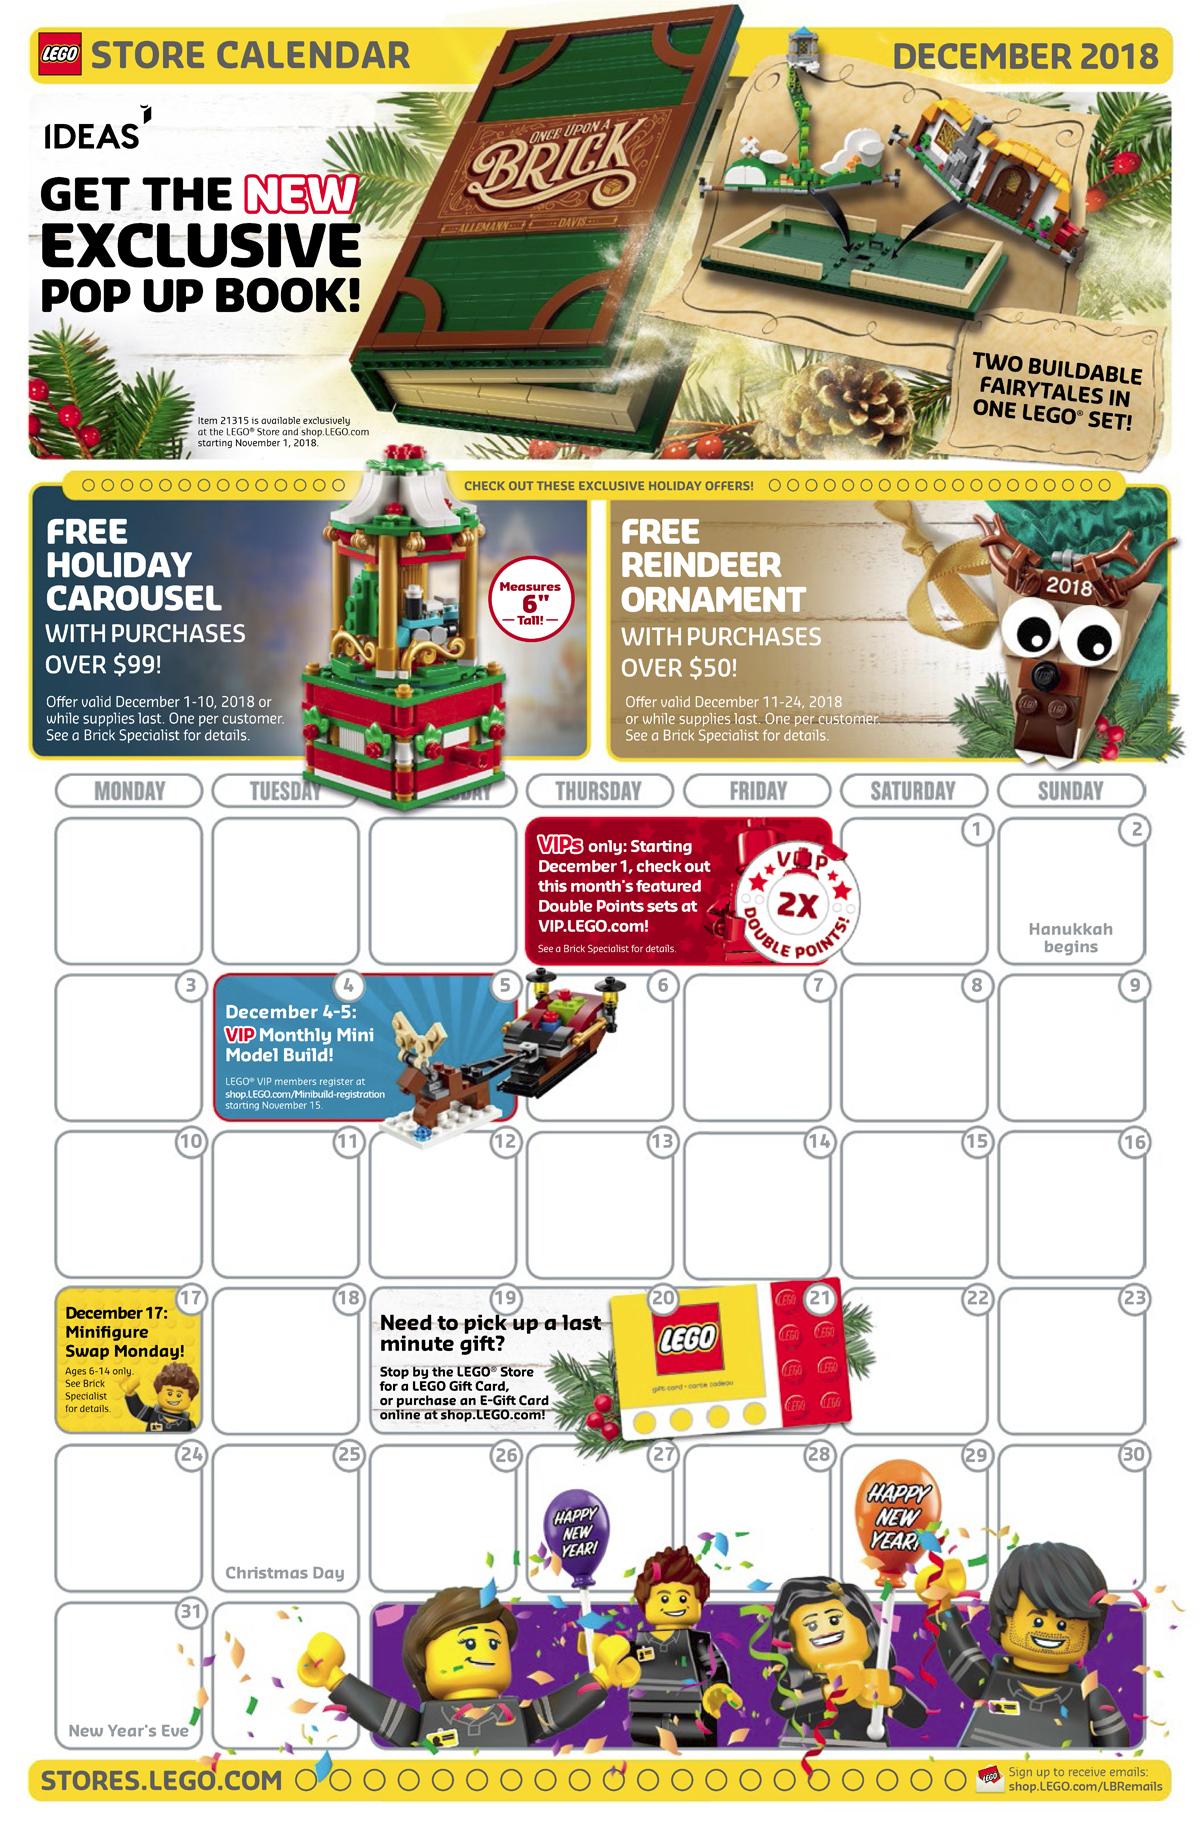 December 2019 Calendar Lego LEGO Store Calendar Archives   The Brick Show